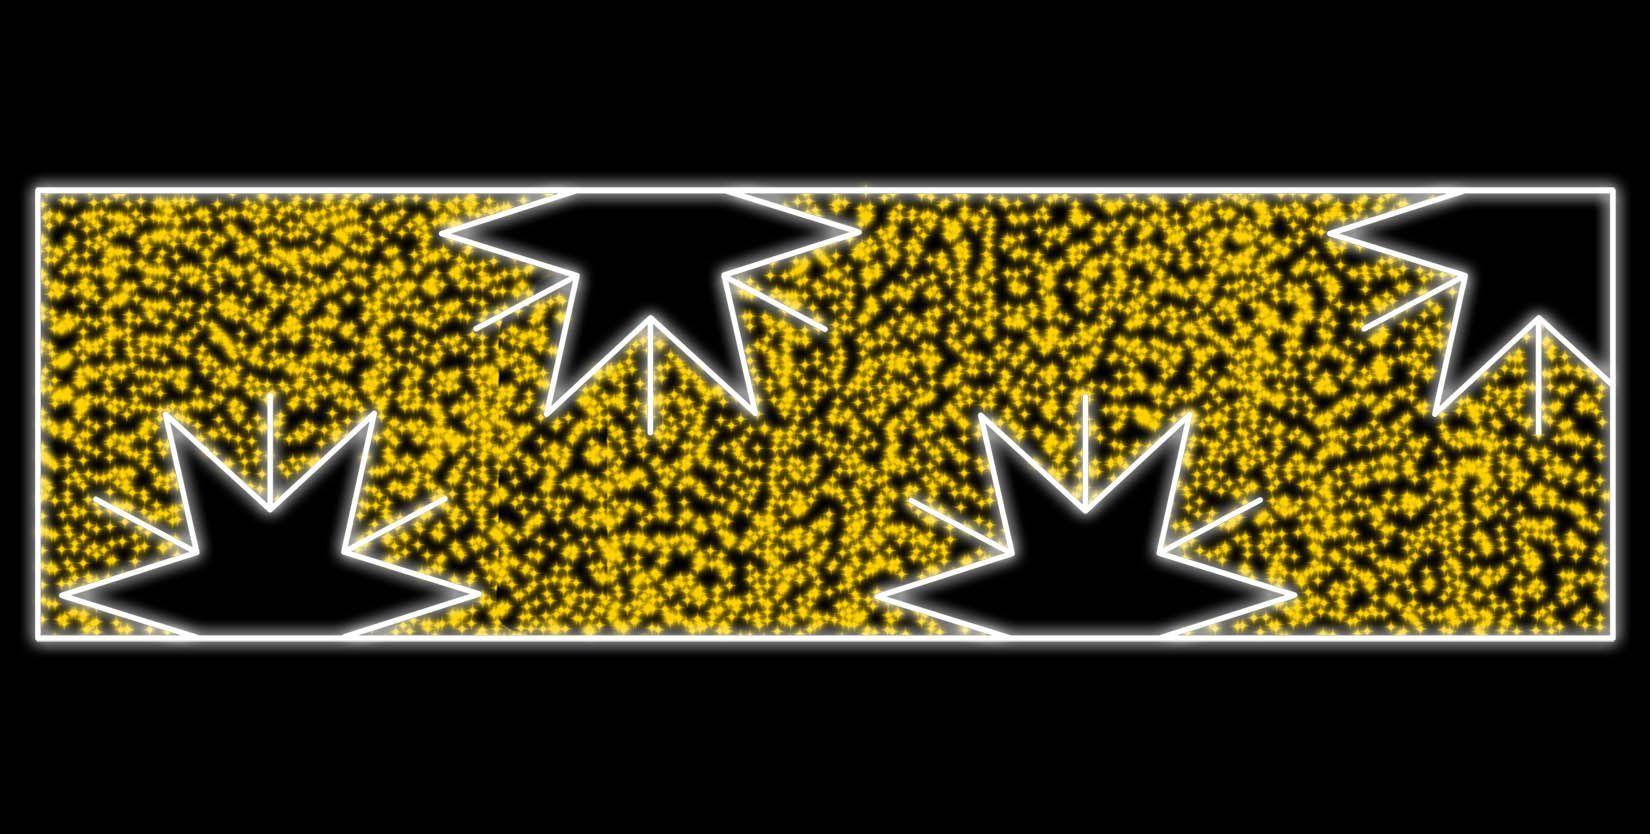 PO-026 - Painel Iluminado Led  Estrelas Meia Face - (Veja Opções Tamanhos)